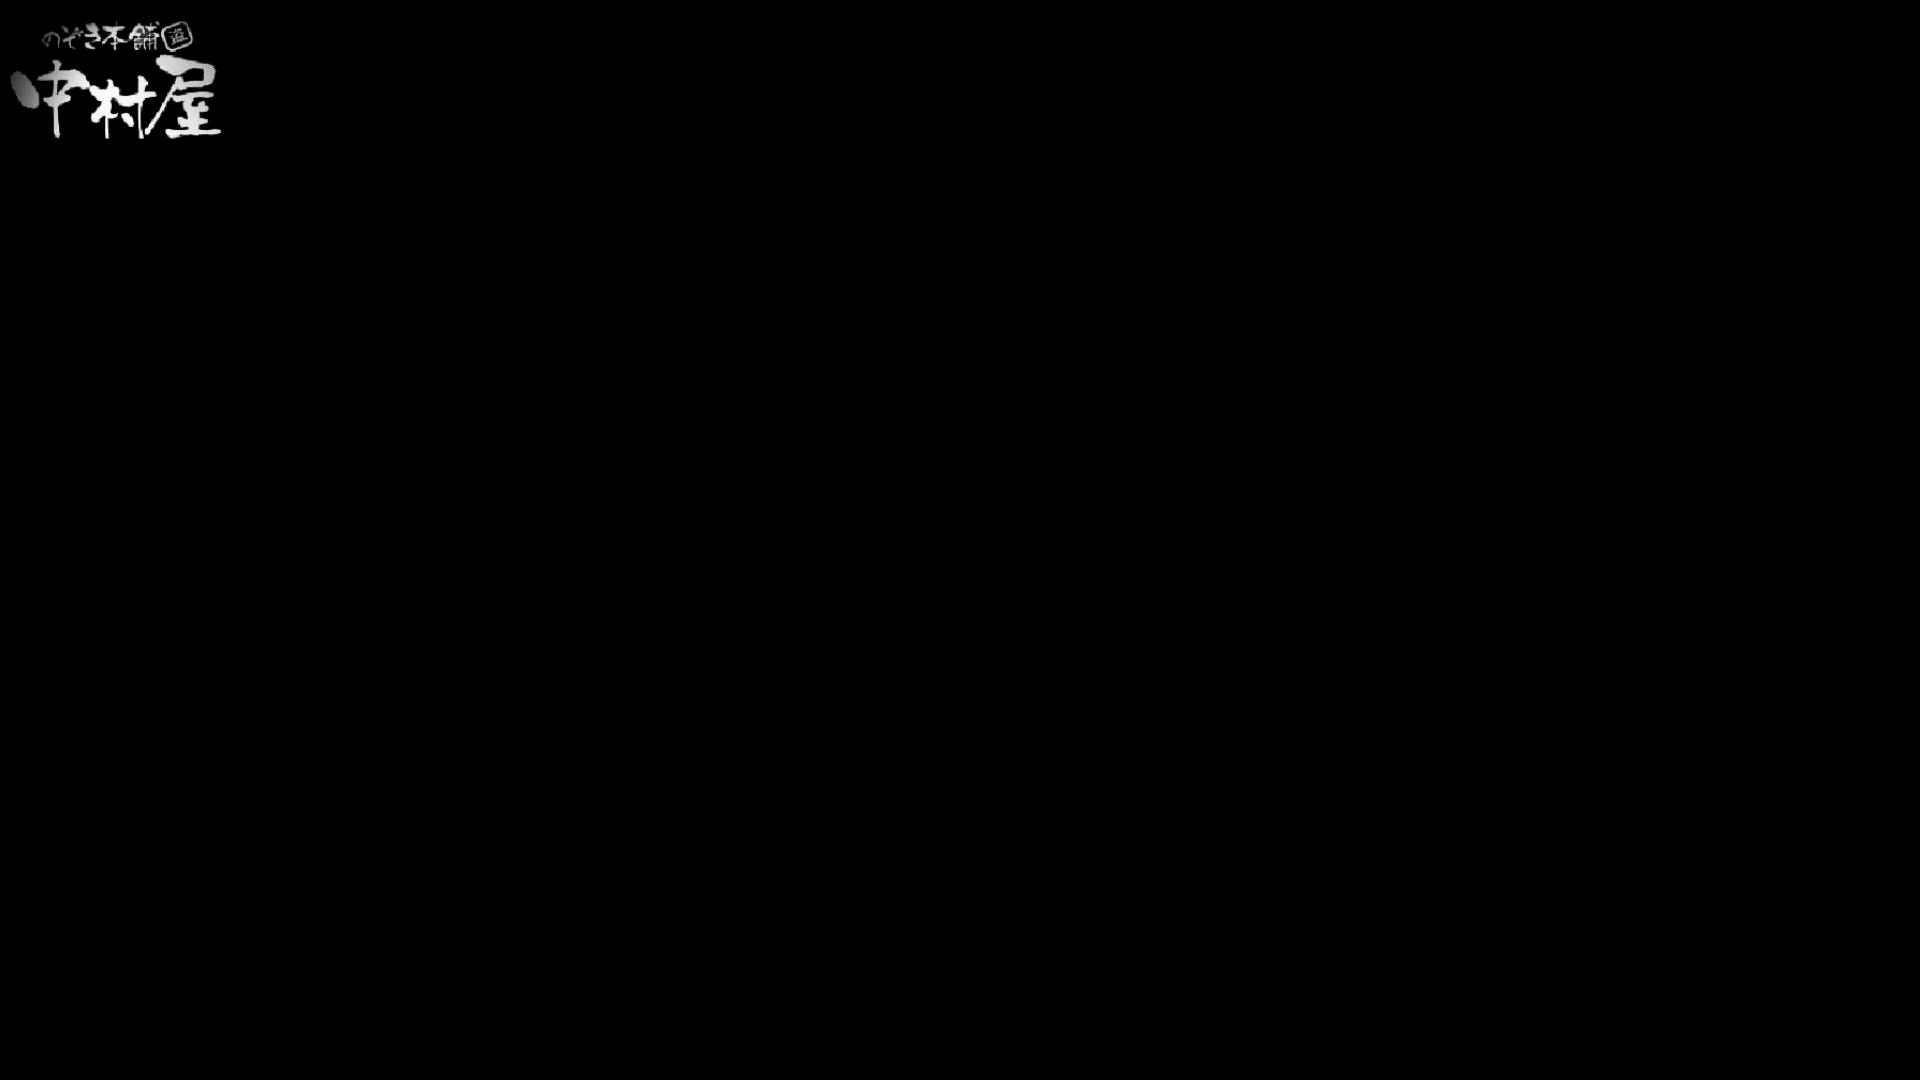 雅さんが厳選新年特別コンテンツ!激走!東京マラソン選手専用女子トイレvol.5 和式 盗み撮り動画 112PIX 28